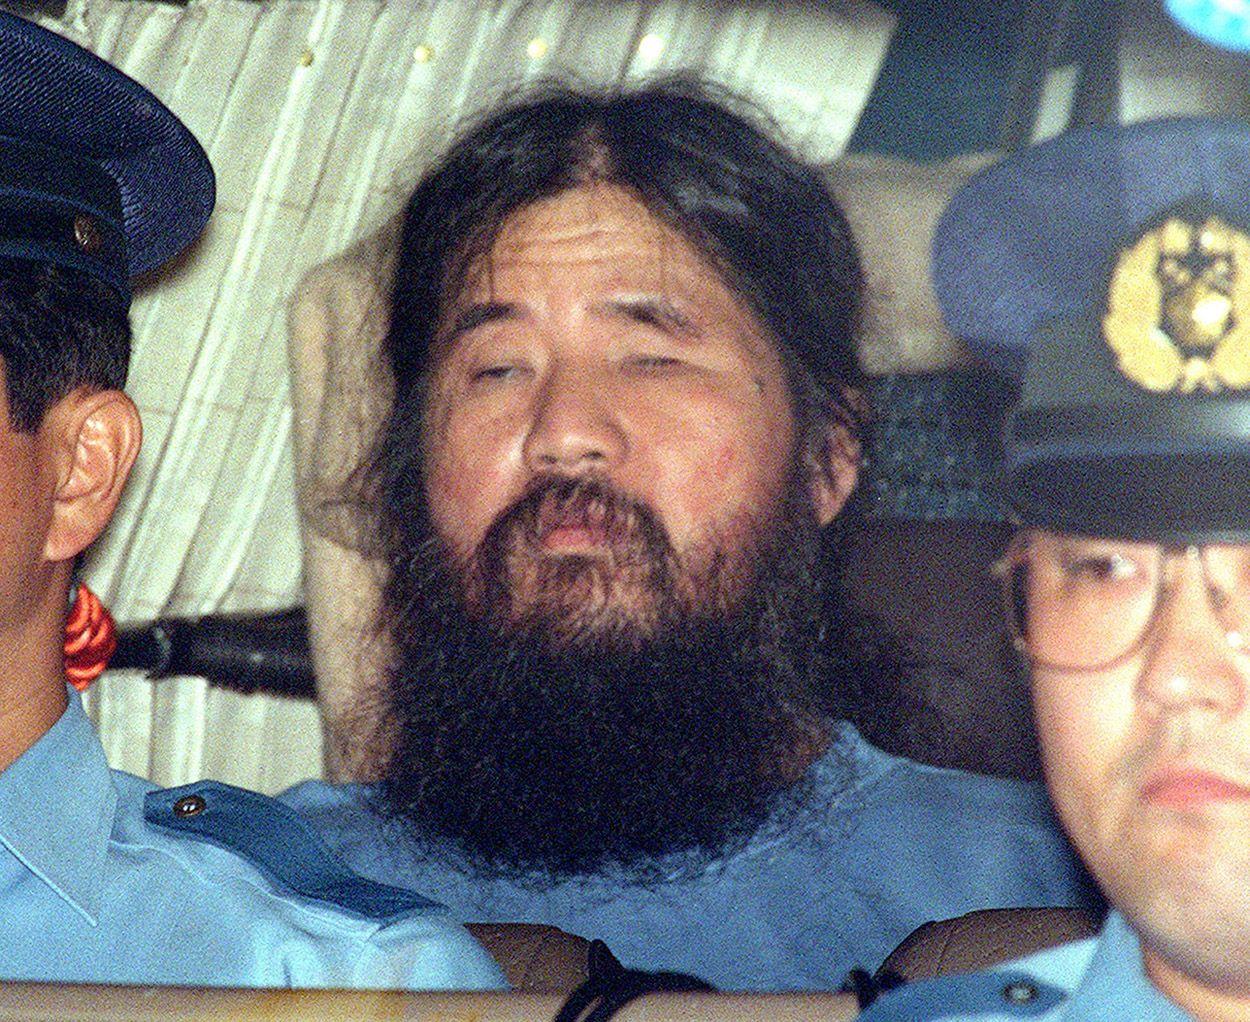 23年前東京毒氣案震驚世界